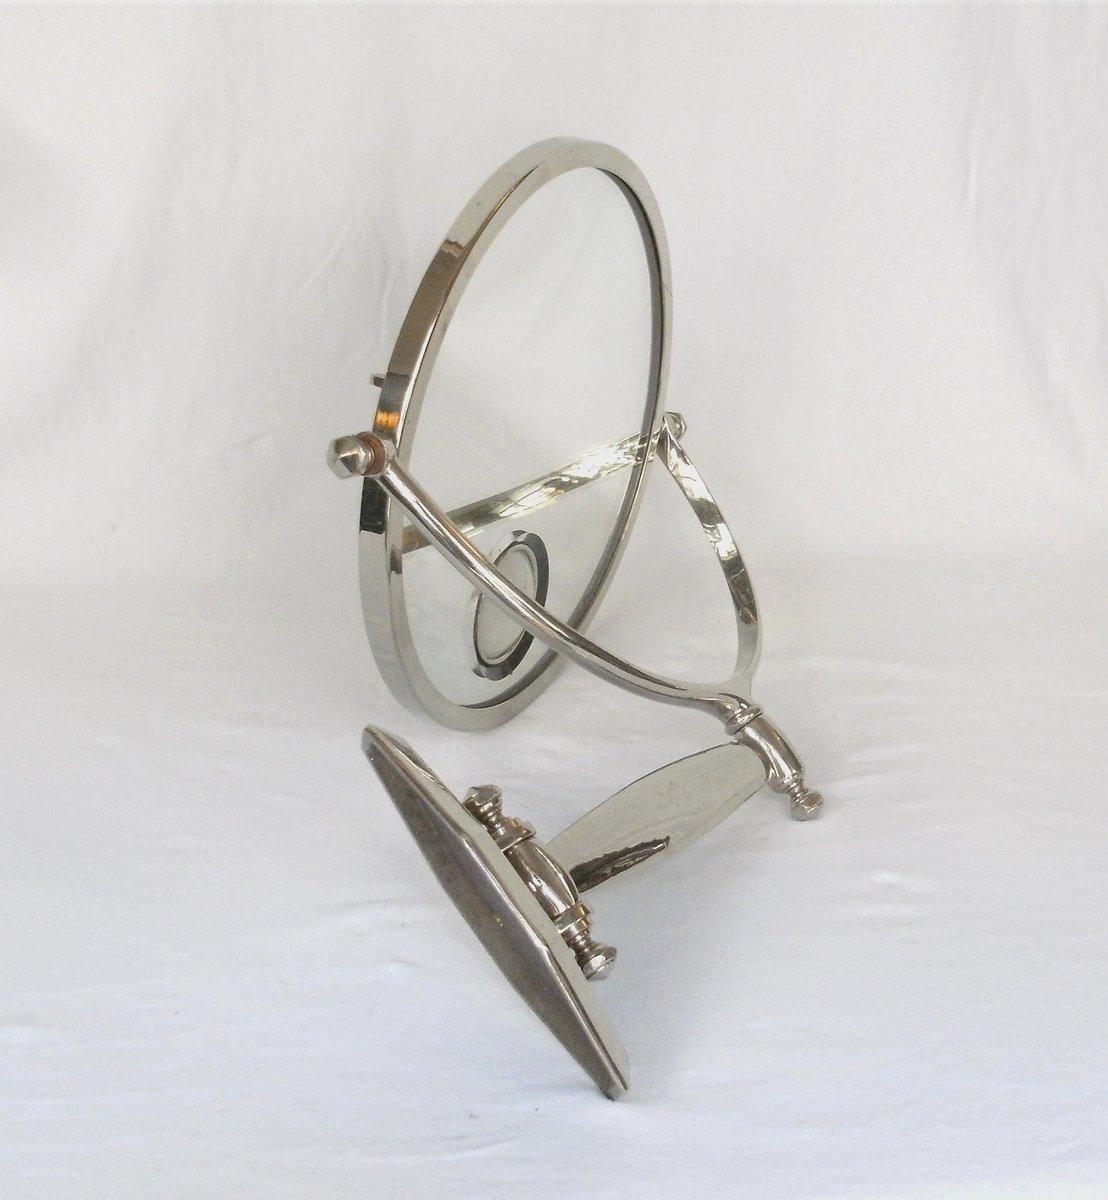 franz sischer art deco wandspiegel mit licht bei pamono kaufen. Black Bedroom Furniture Sets. Home Design Ideas